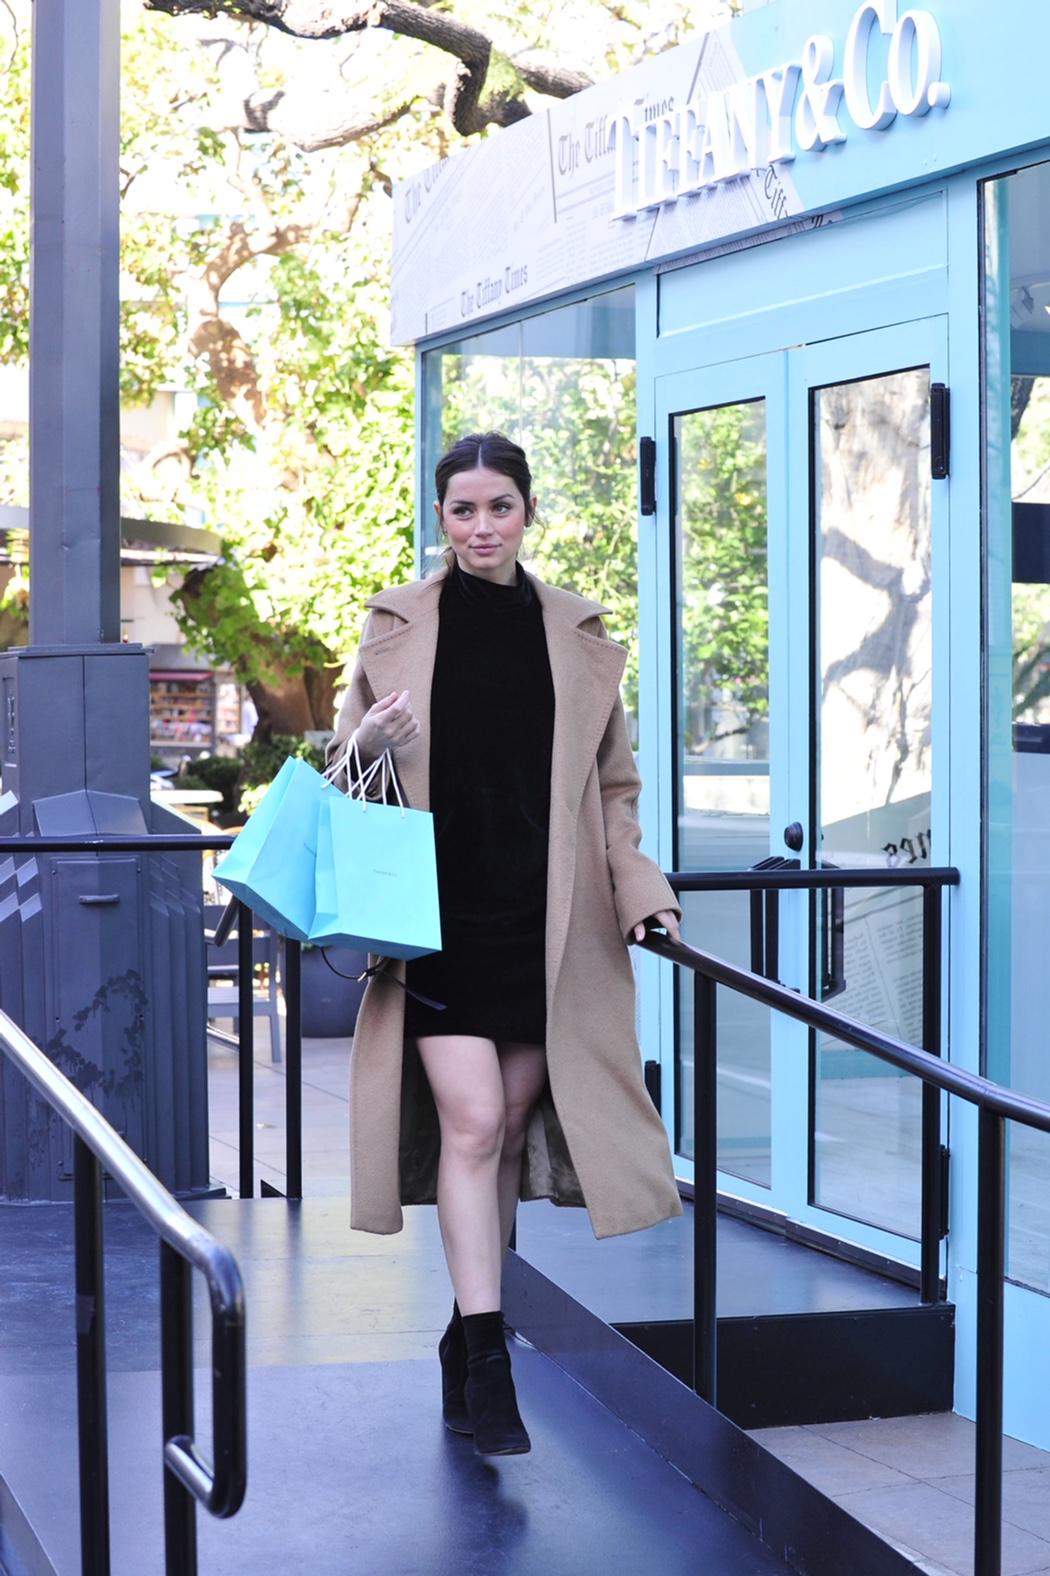 Ana de Armas, estrela do filme Blade Runner 2049, visitou a primeira loja  pop up da Tiffany Co. em West Coast, Los Angeles, no The Grove. 66d9be8705